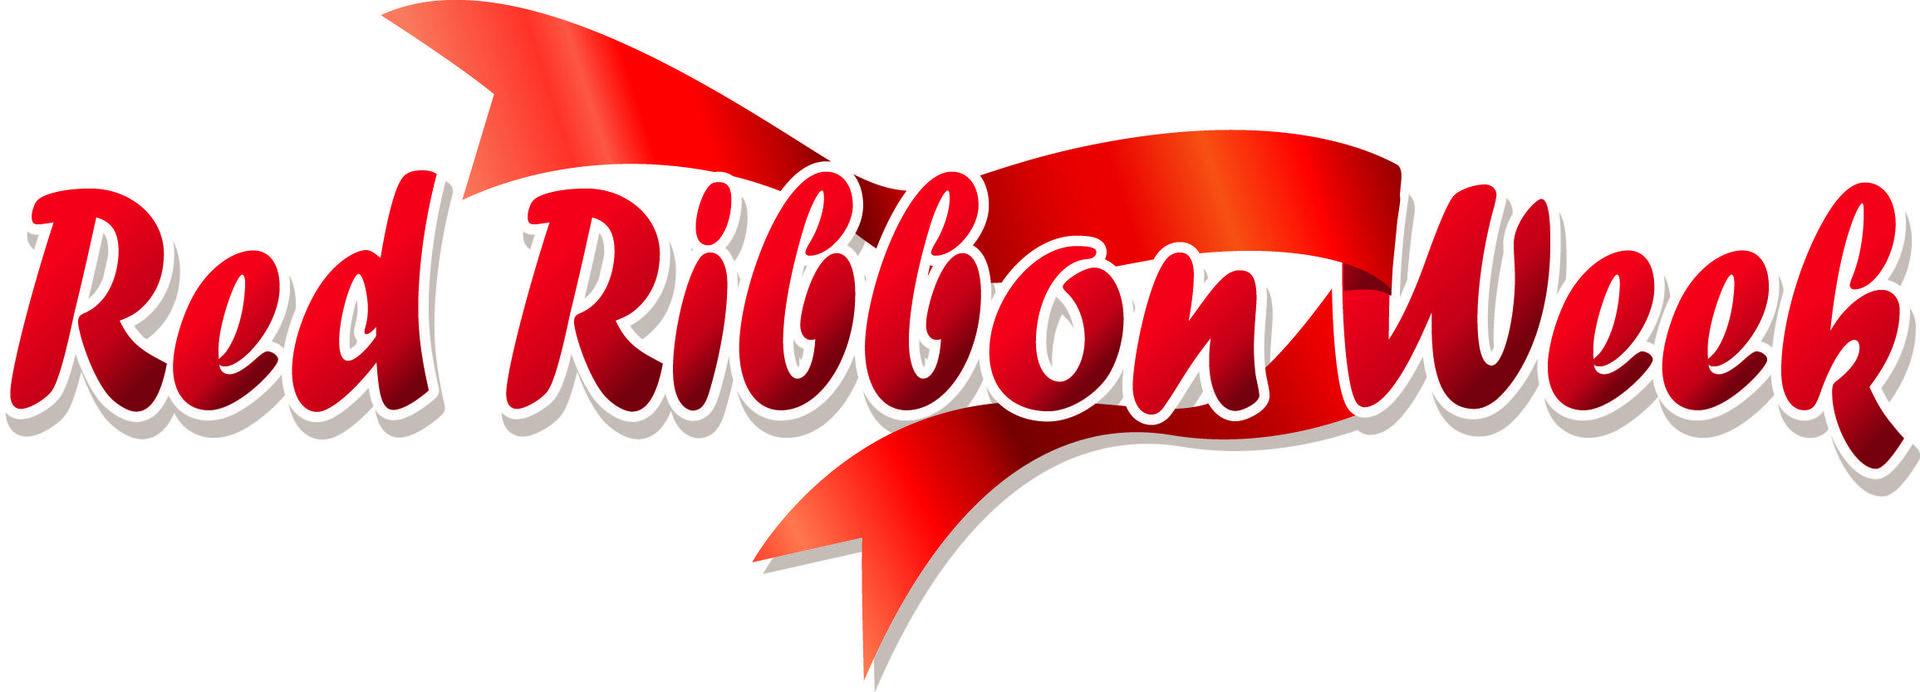 Red Ribbon Week Log